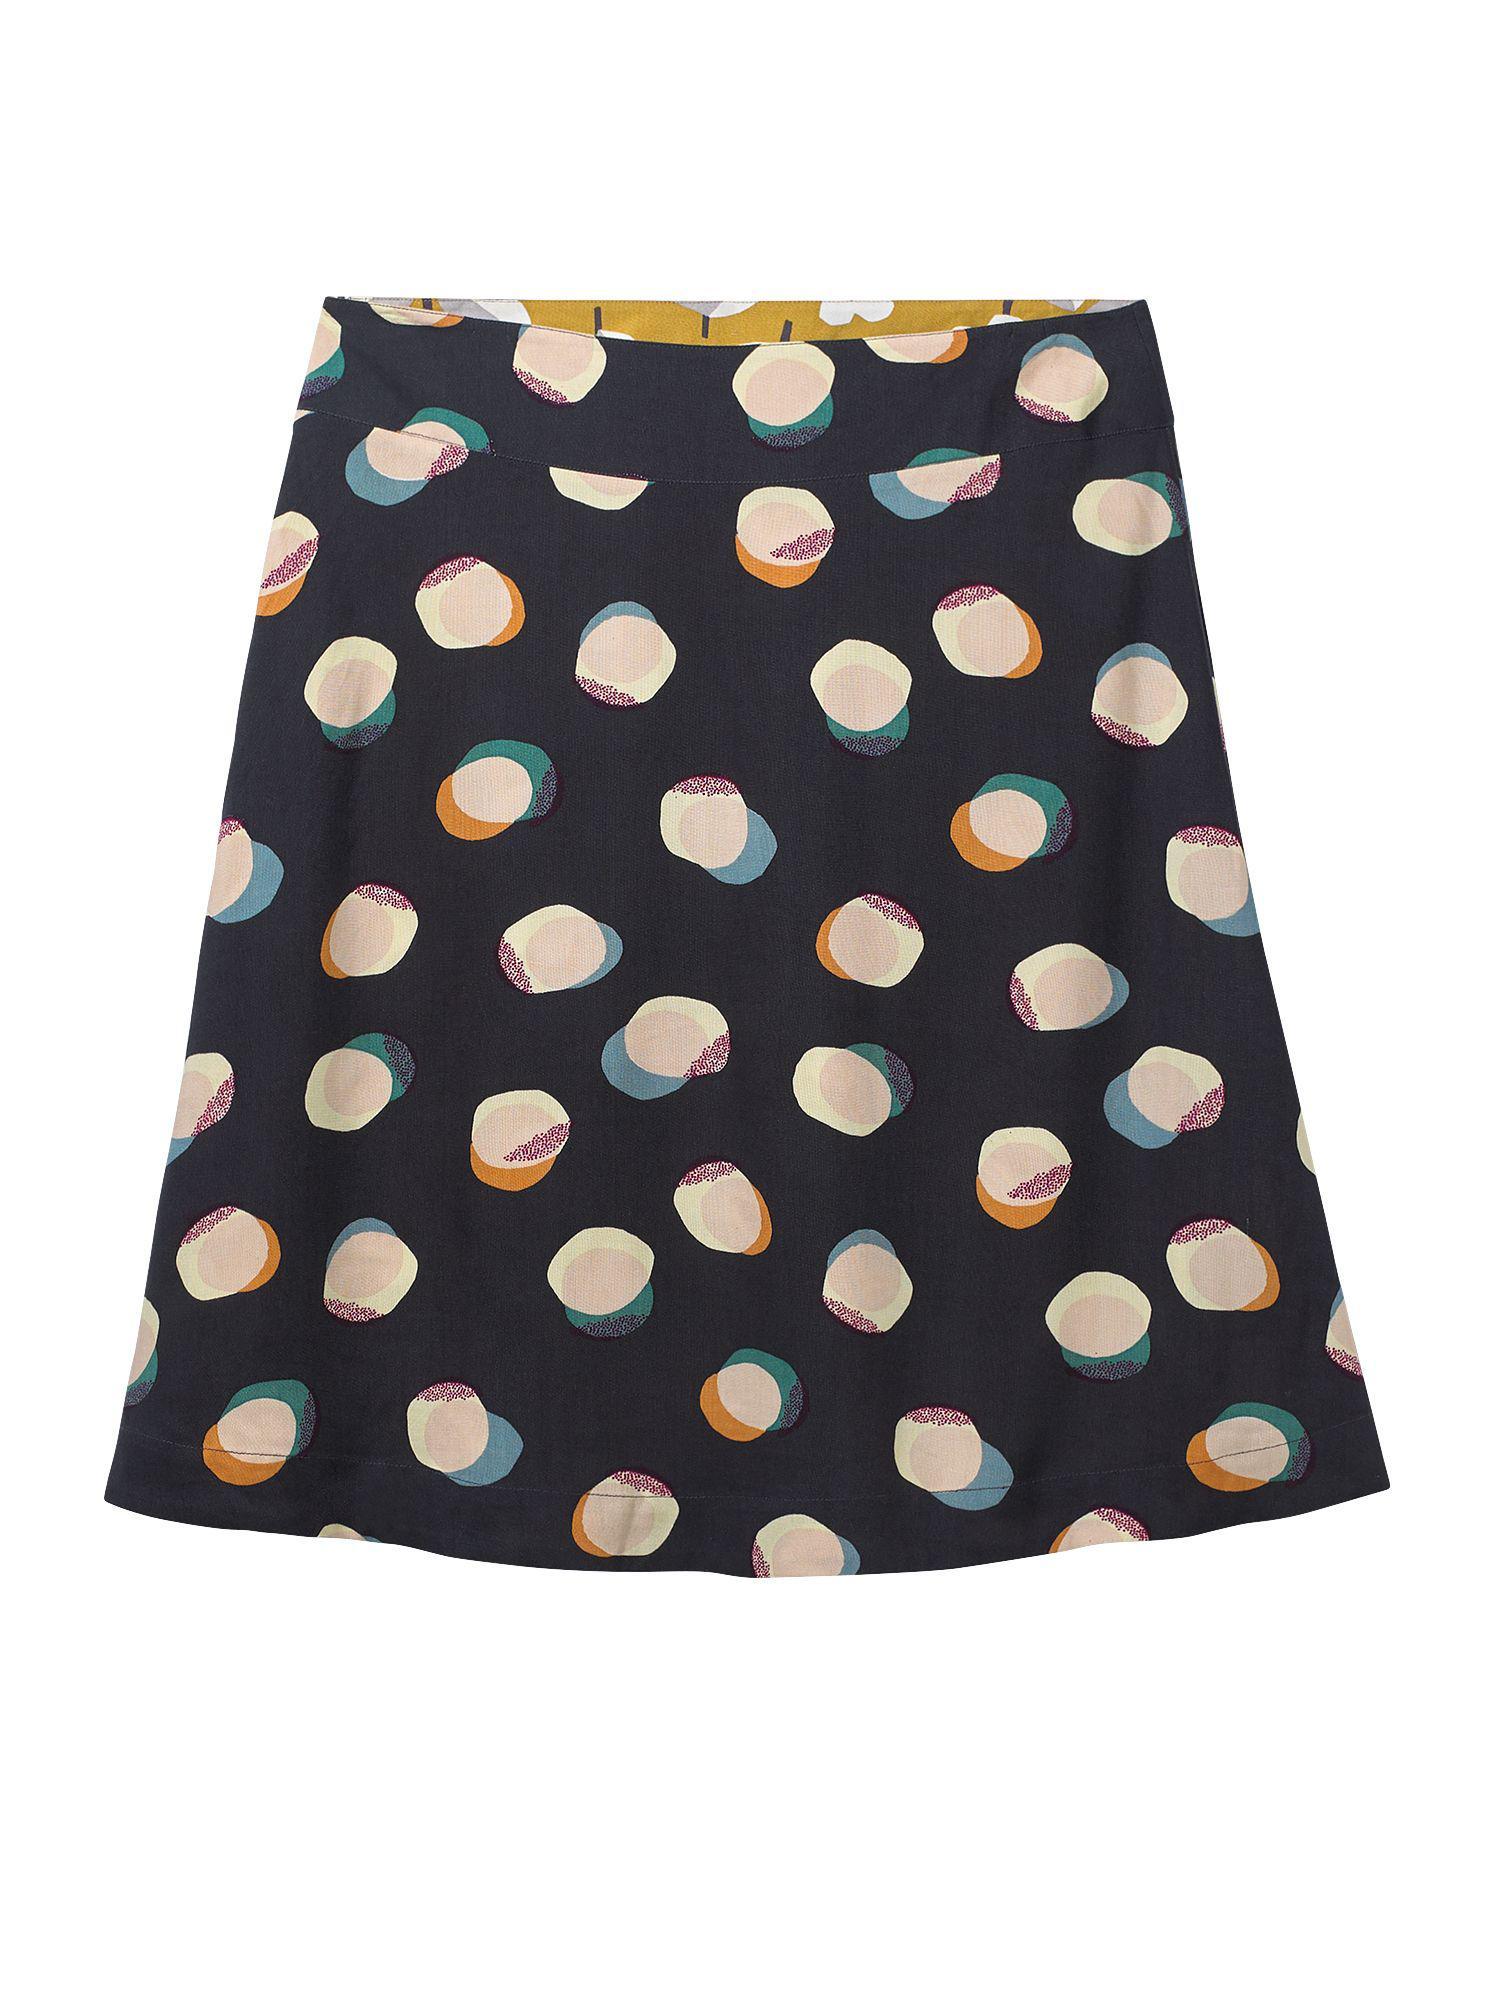 2cdfecf11e White Stuff Origami Reversible Skirt in Blue - Lyst